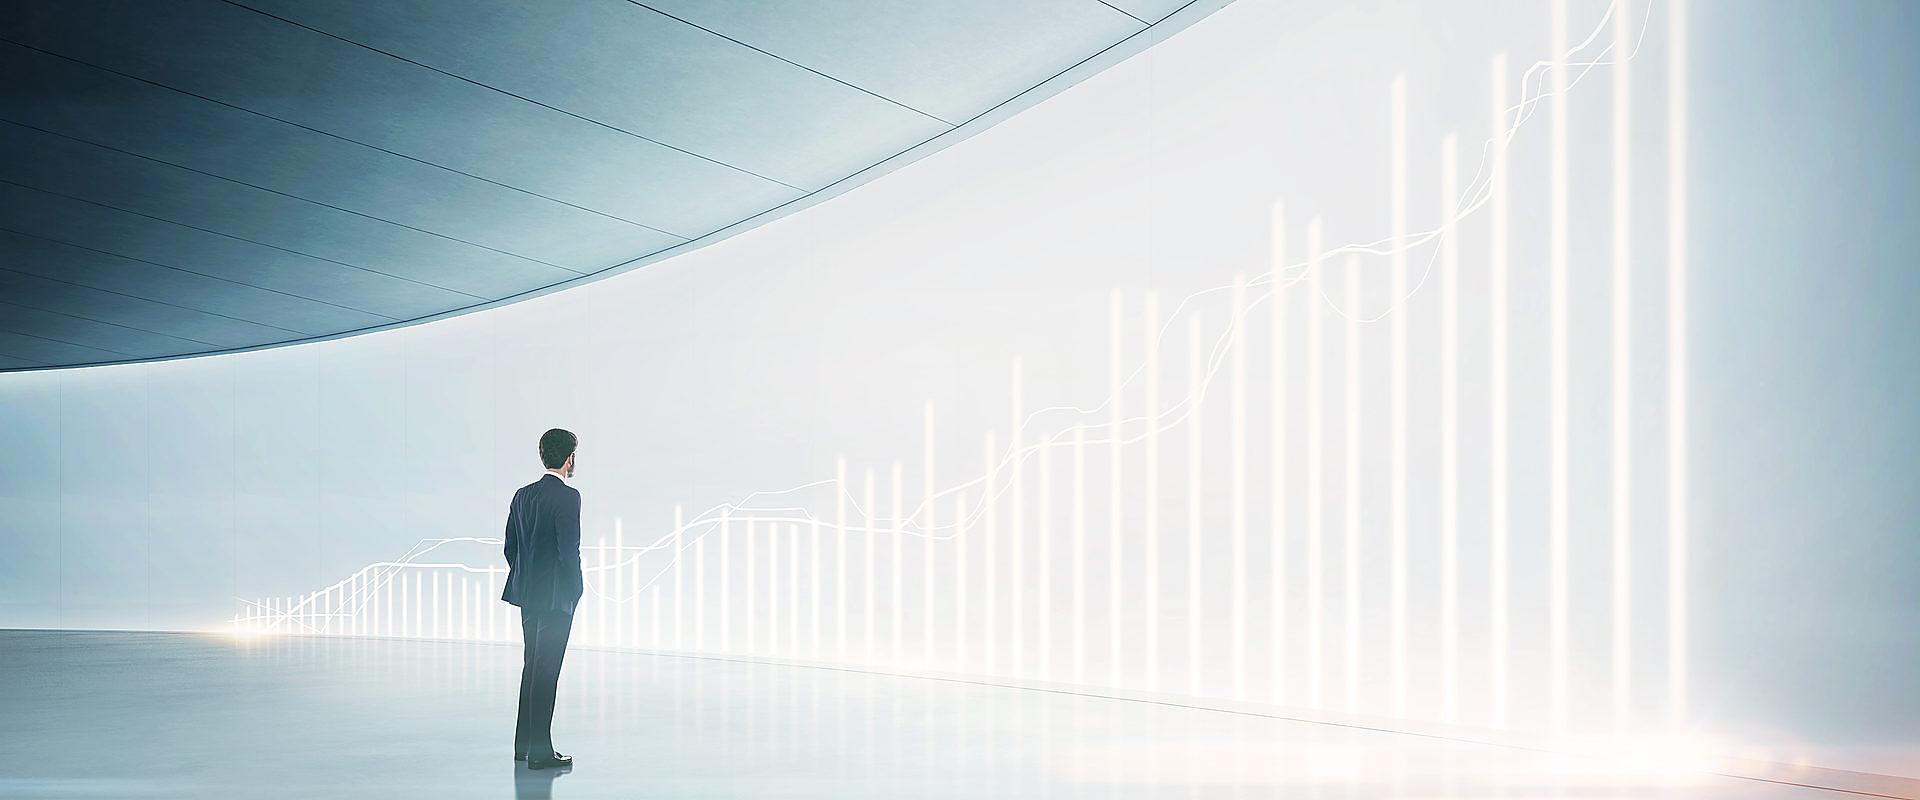 Auditor interno de Sistemas de Gestión de la Calidad según la Norma ISO 9001:2015